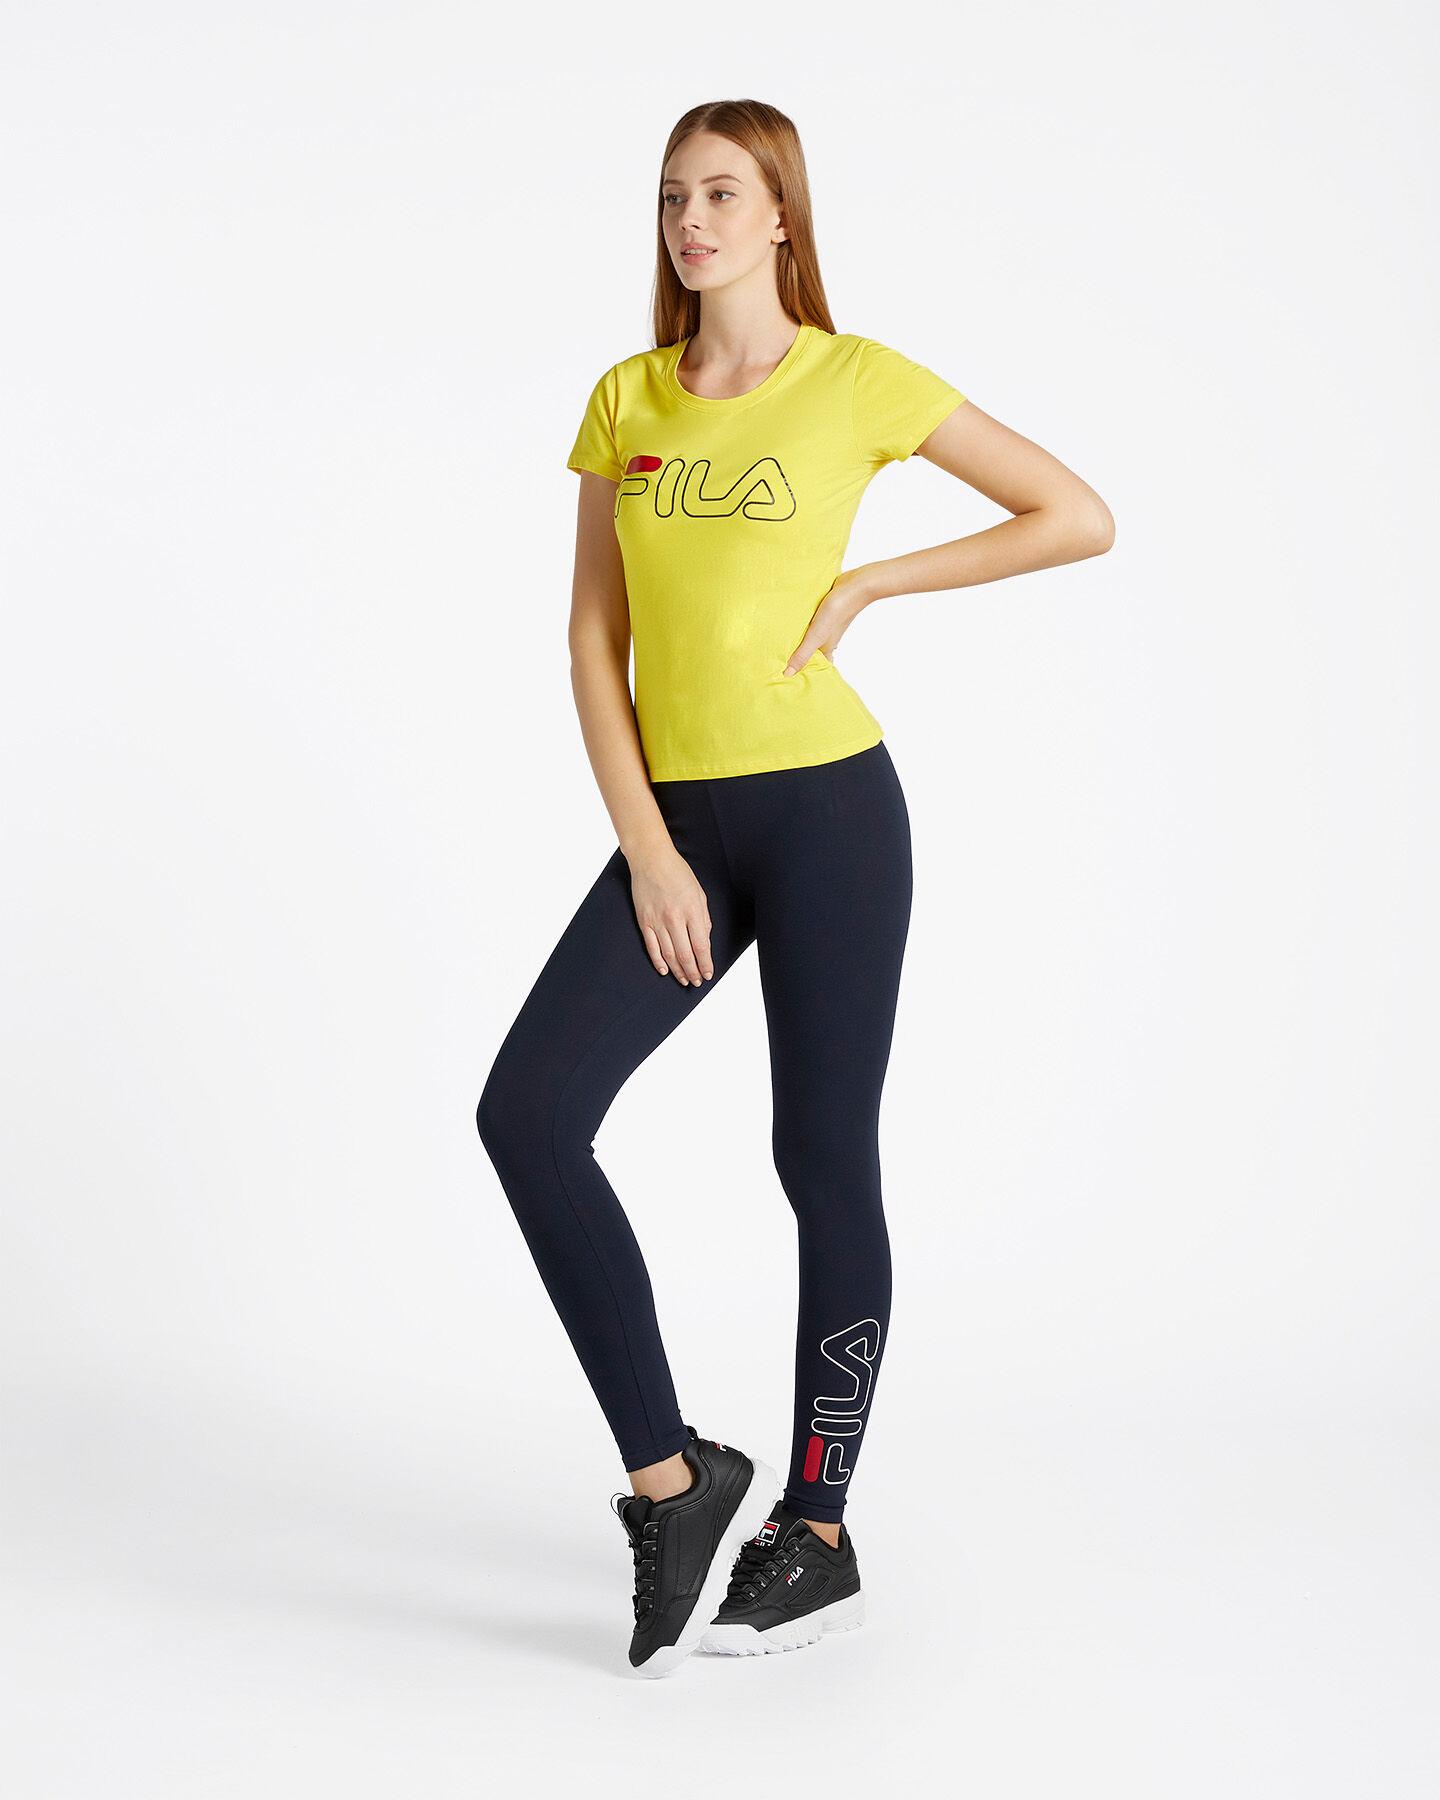 T-Shirt FILA LOGO W S4067235 scatto 1